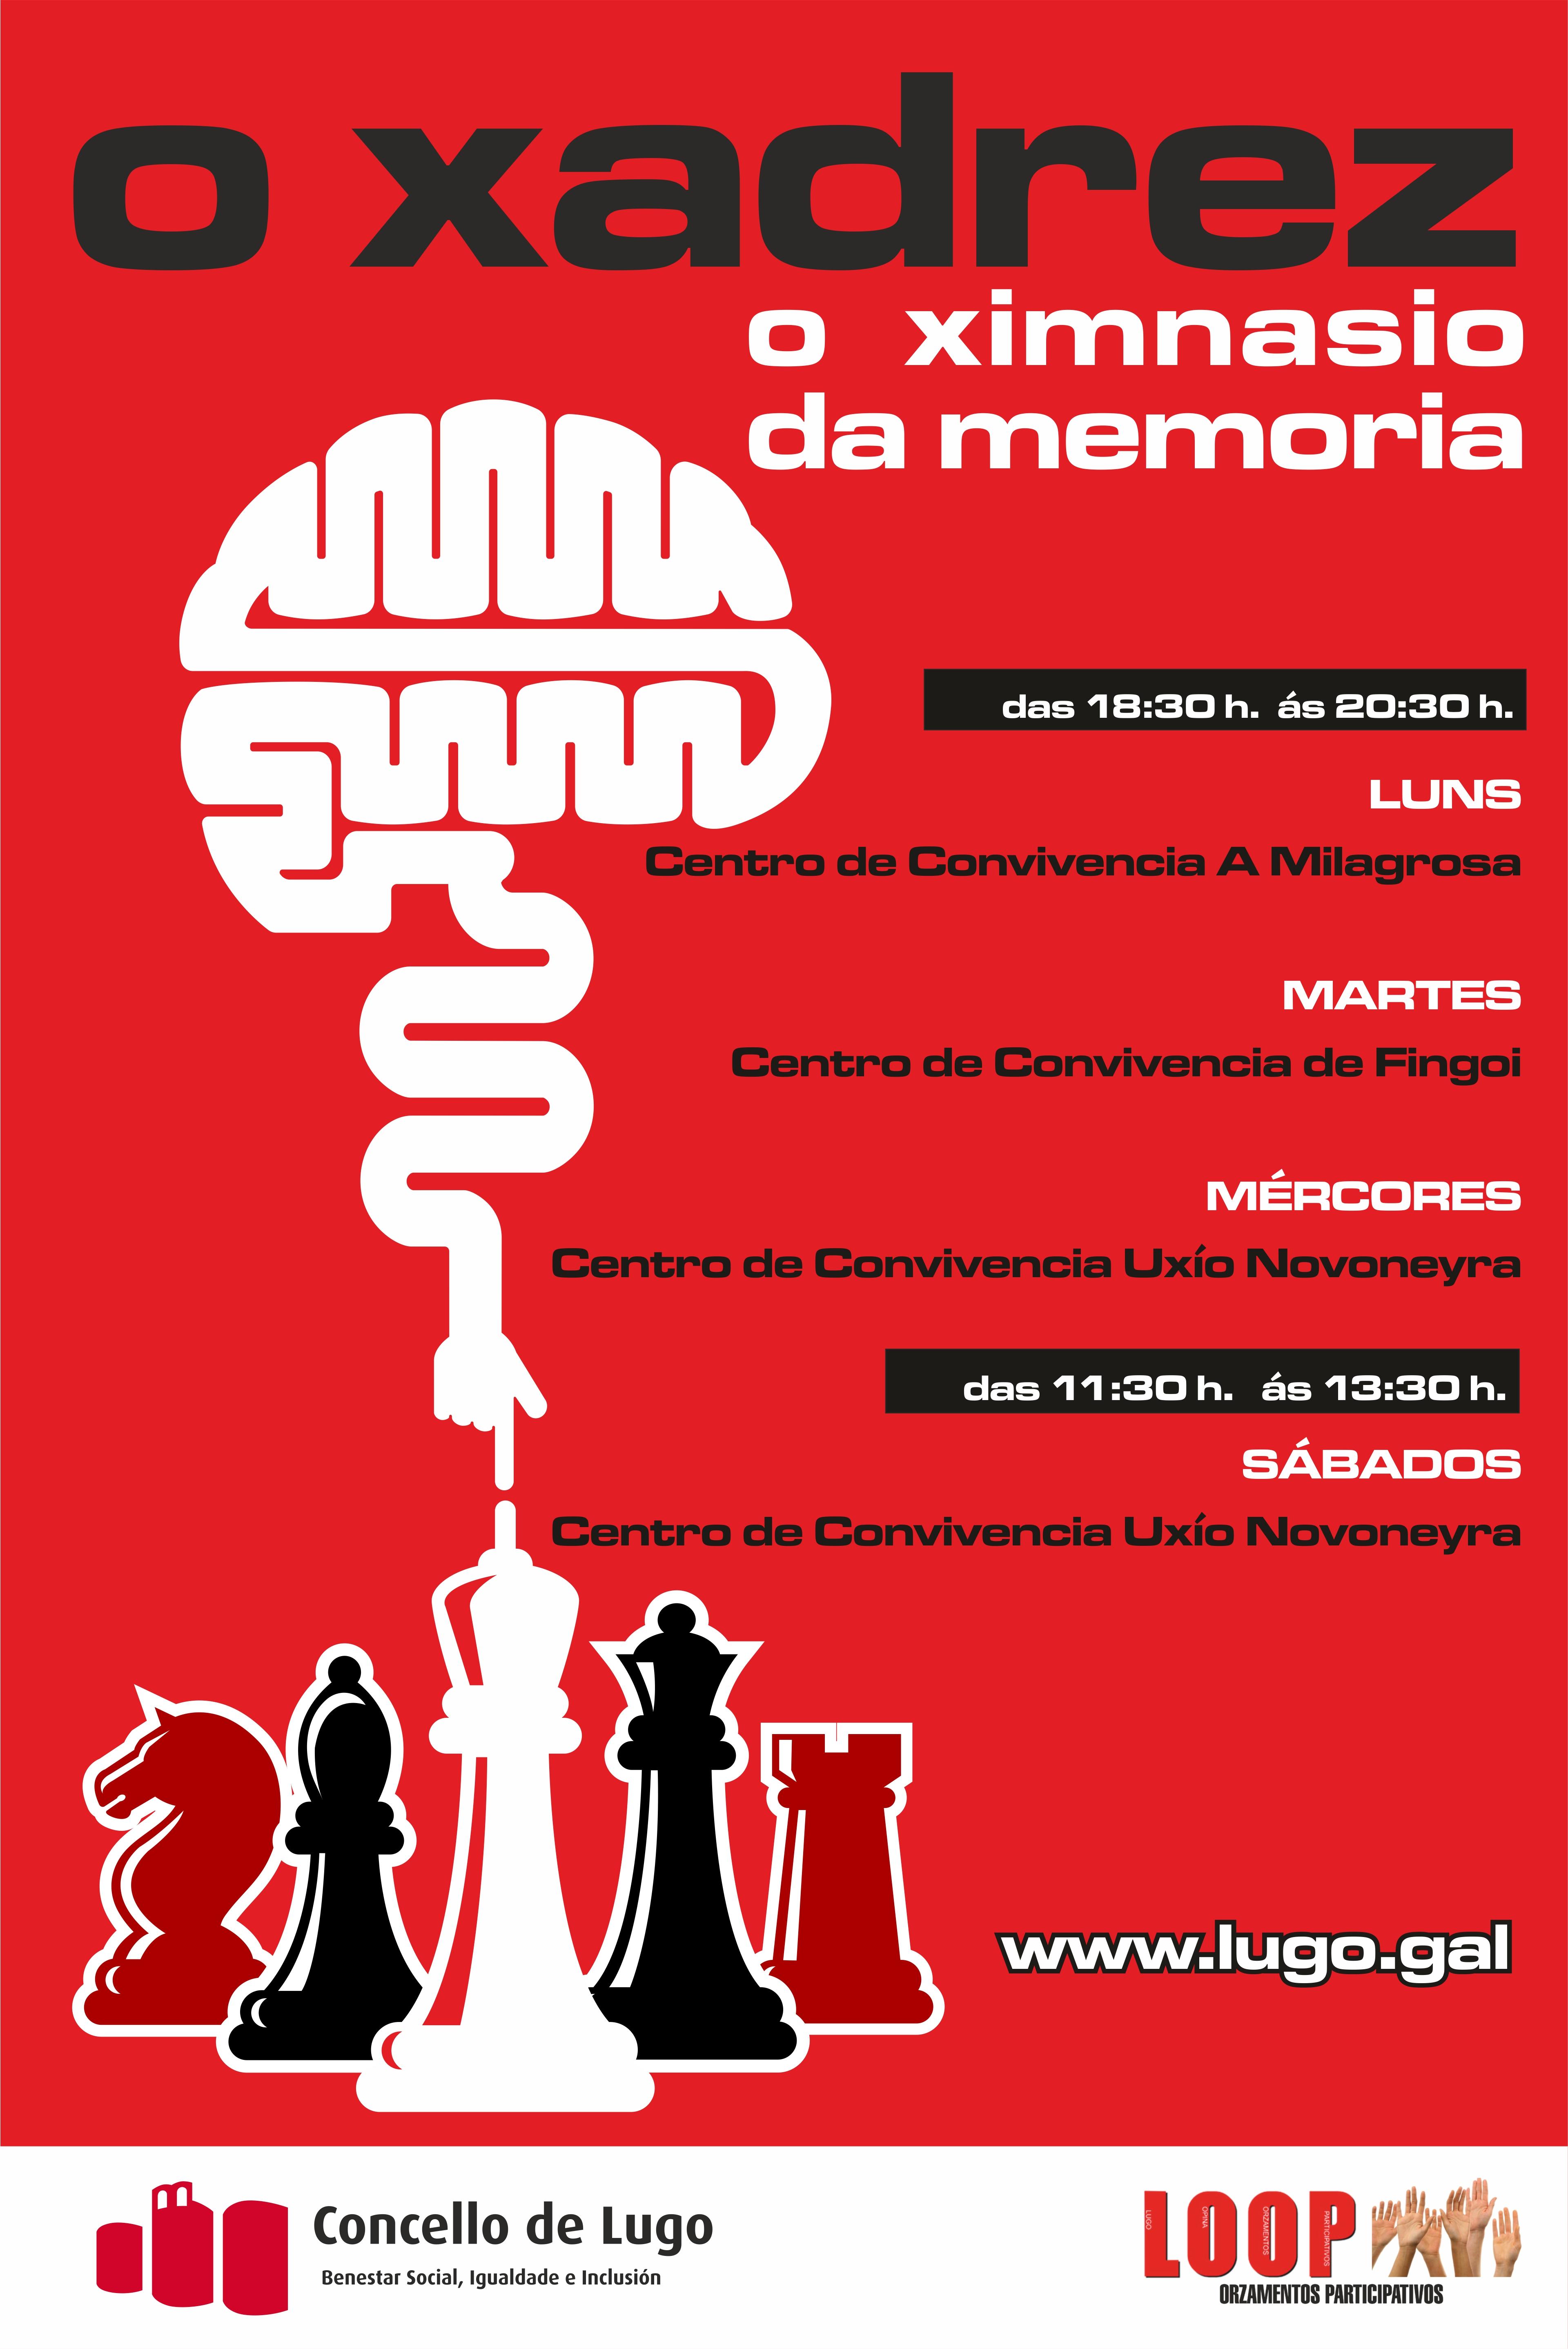 xadrez na memoria